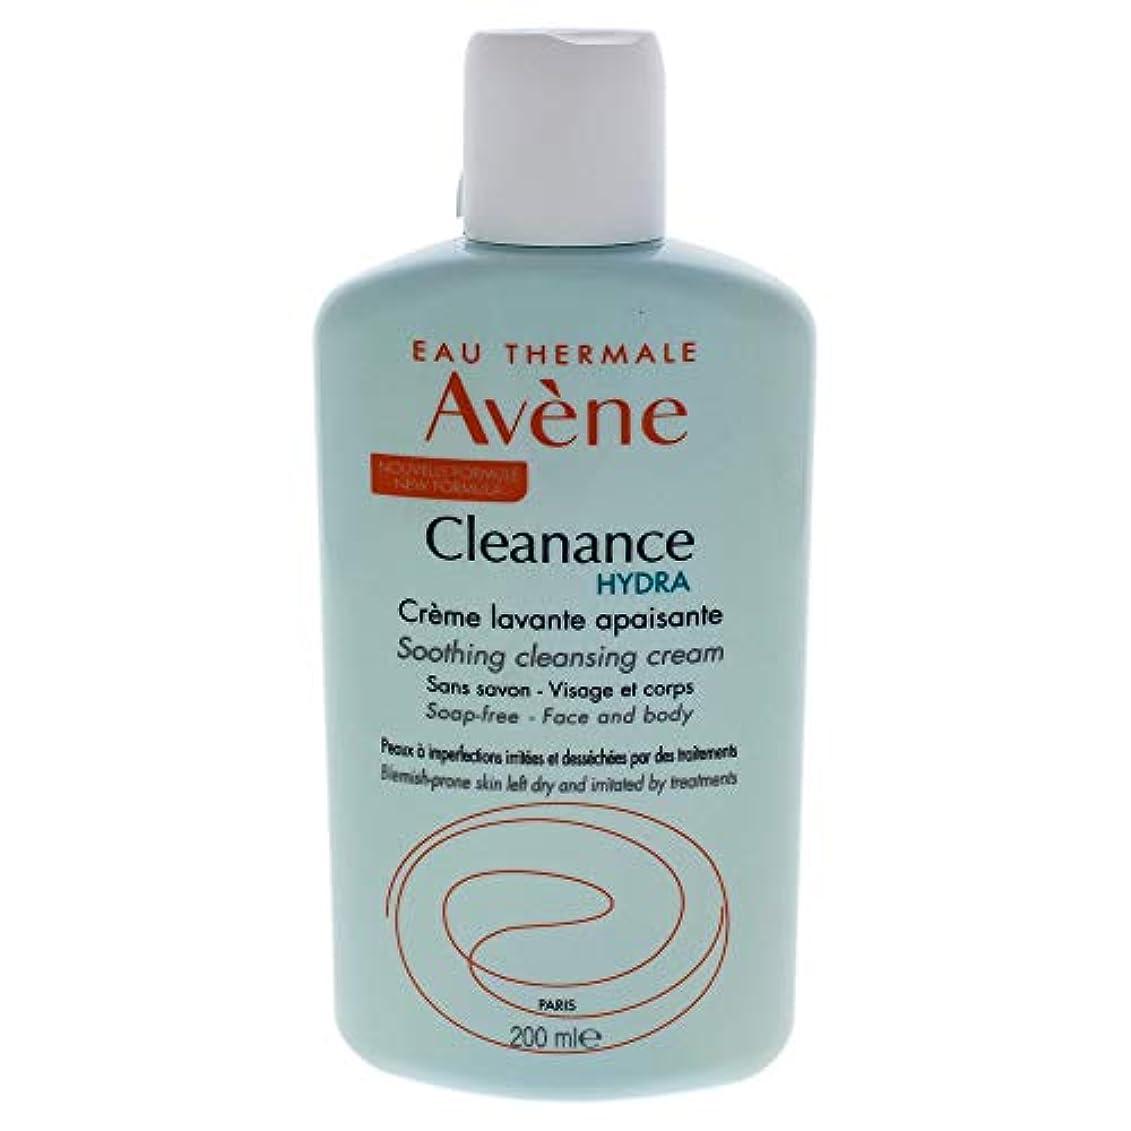 黒解き明かす解き明かすアベンヌ Cleanance HYDRA Soothing Cleansing Cream - For Blemish-Prone Skin Left Dry & Irritated by Treatments 200ml/6.7oz並行輸入品